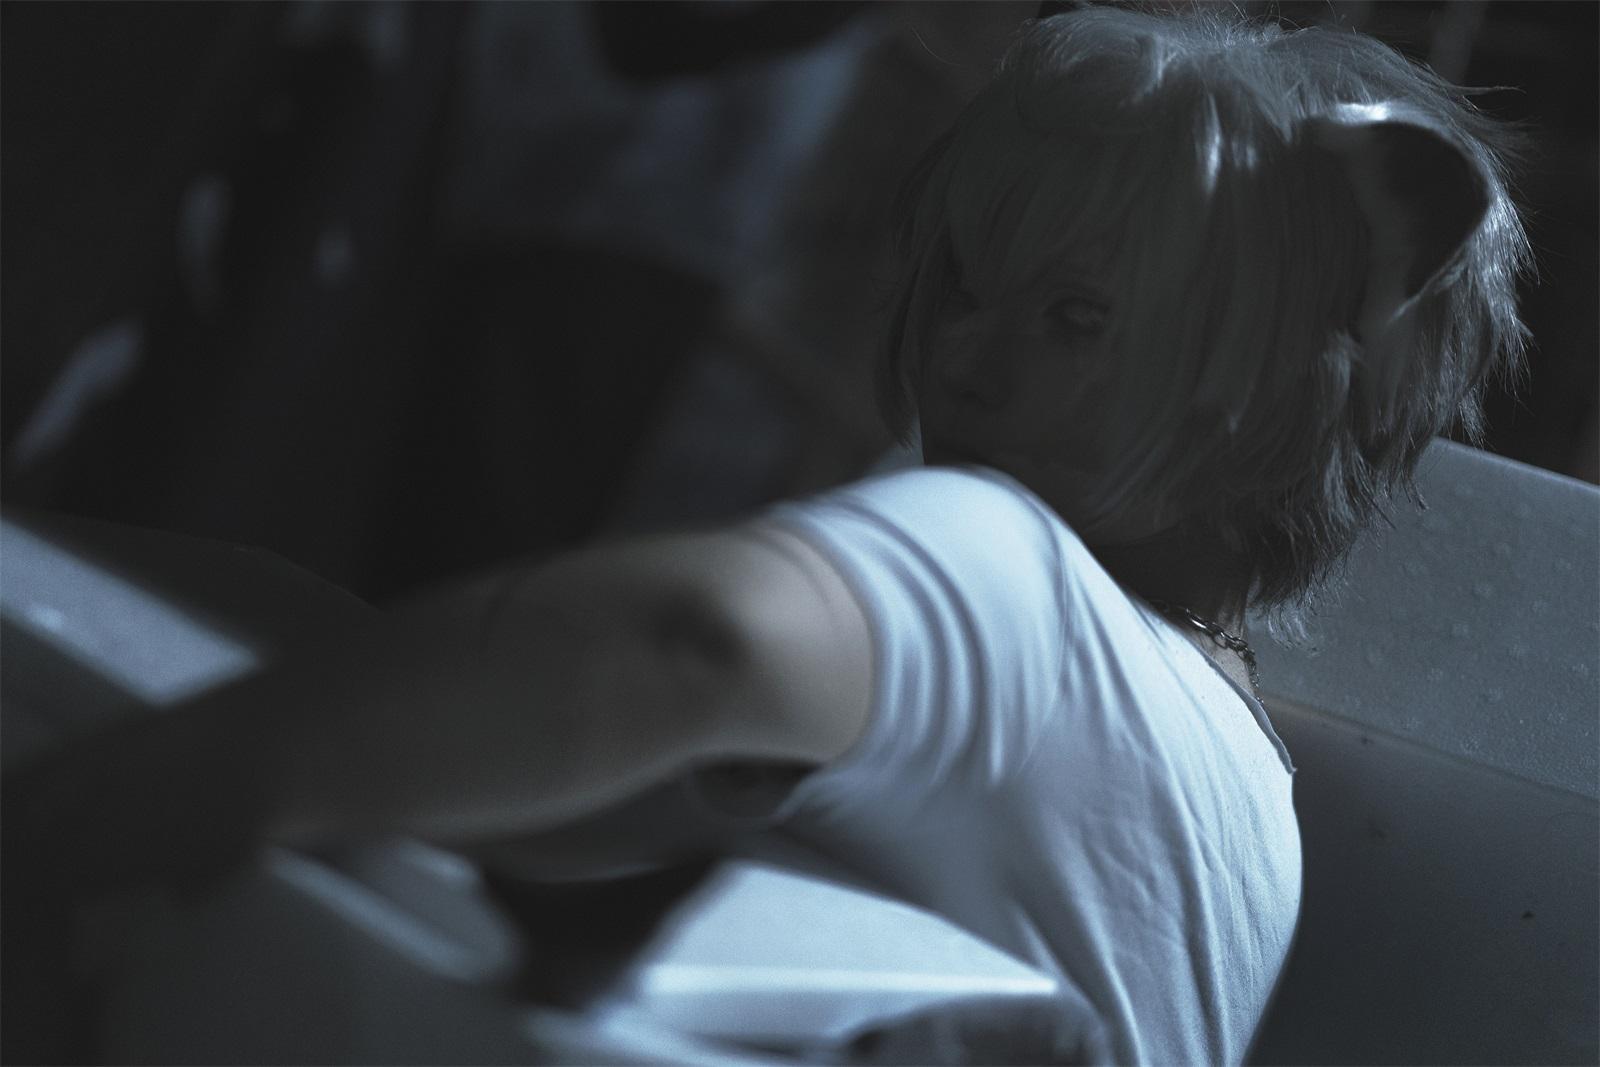 《明日方舟》正片cosplay【CN:鳅一刀】-第25张